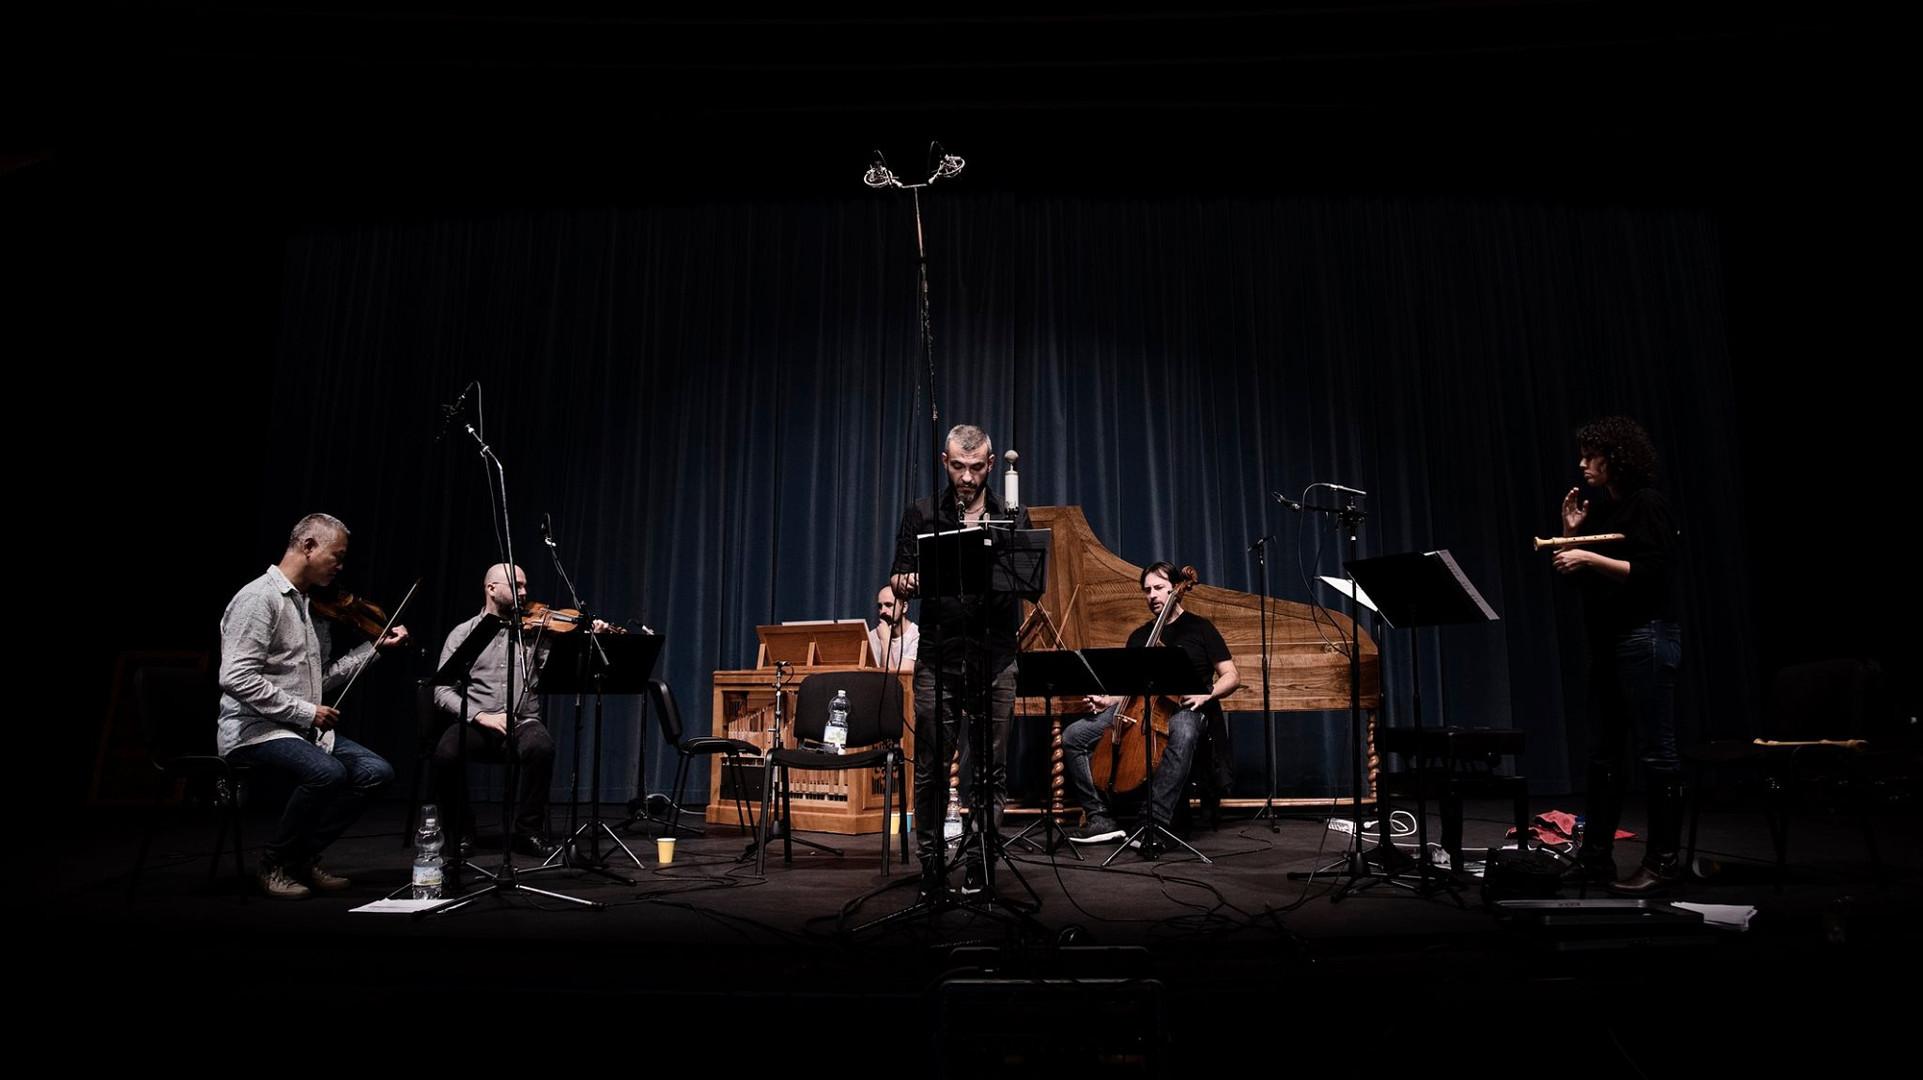 Recording of the CD 'Quella Pace Gradita' | © La Ritirata - Noah Shaye